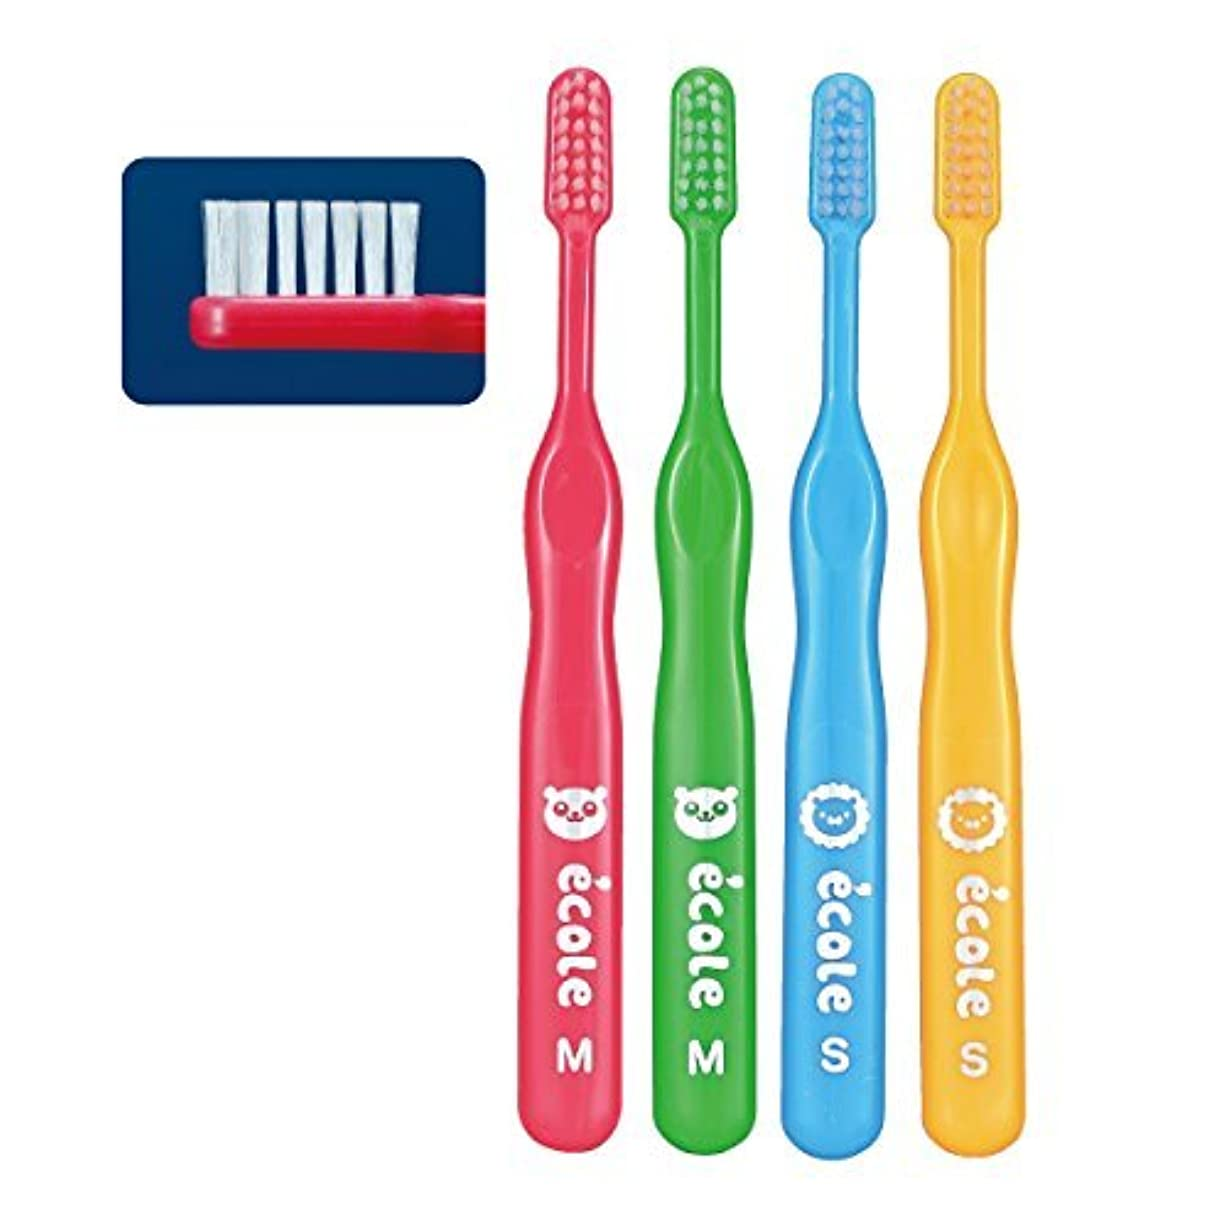 不足ピースする必要があるリセラ エコル 幼児~小学生用歯ブラシ Mふつう 10本入り